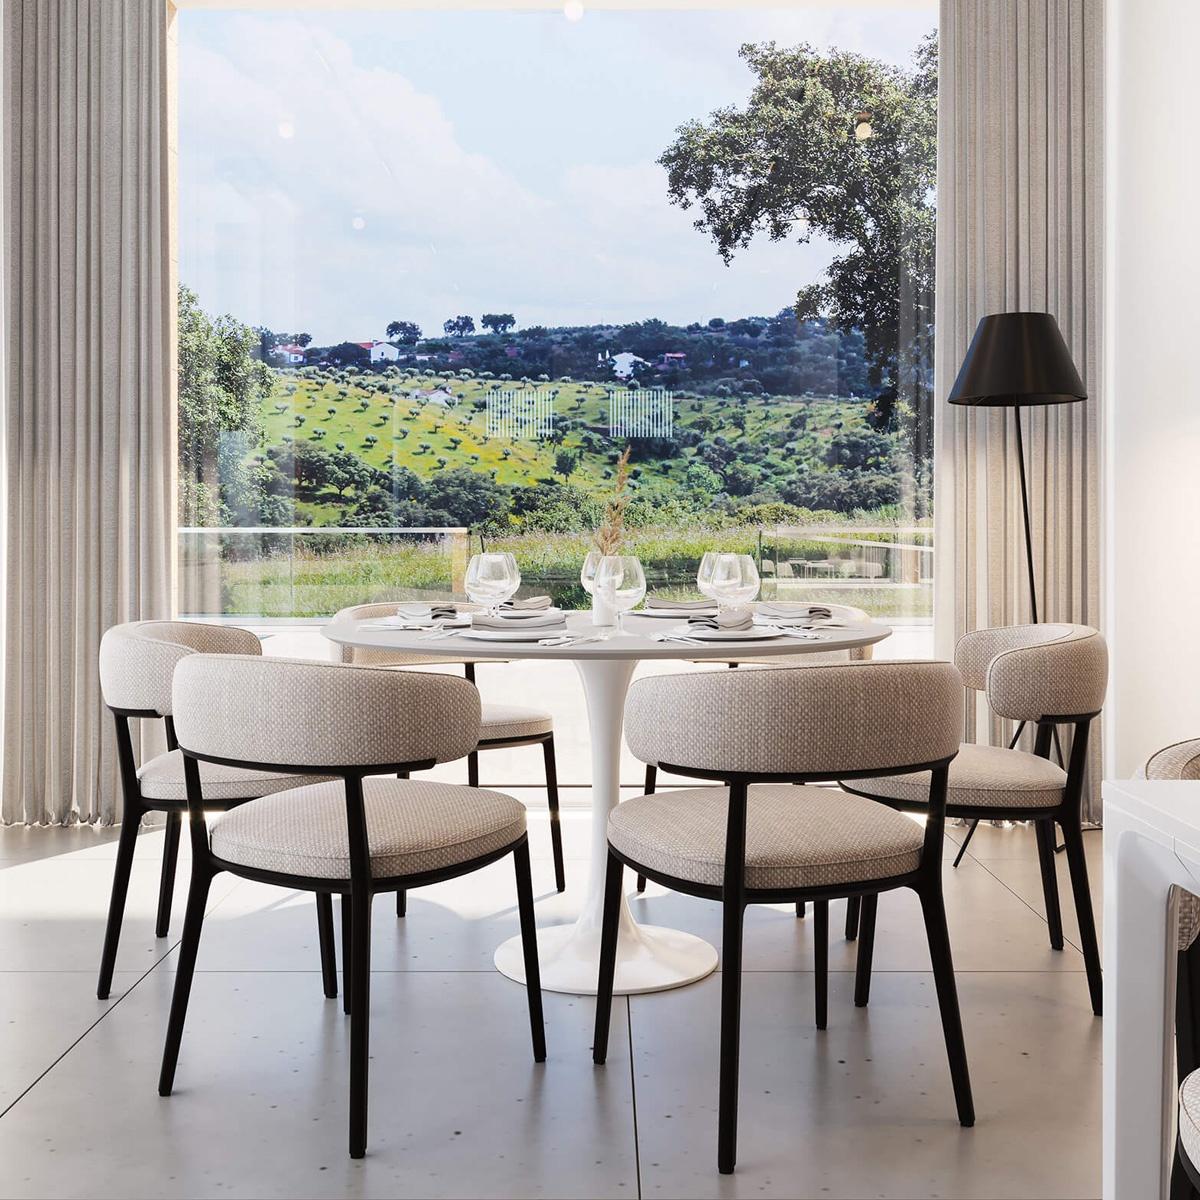 Projeto 3D Lounge Herdade do Toucinho - Atto Creative Solutions